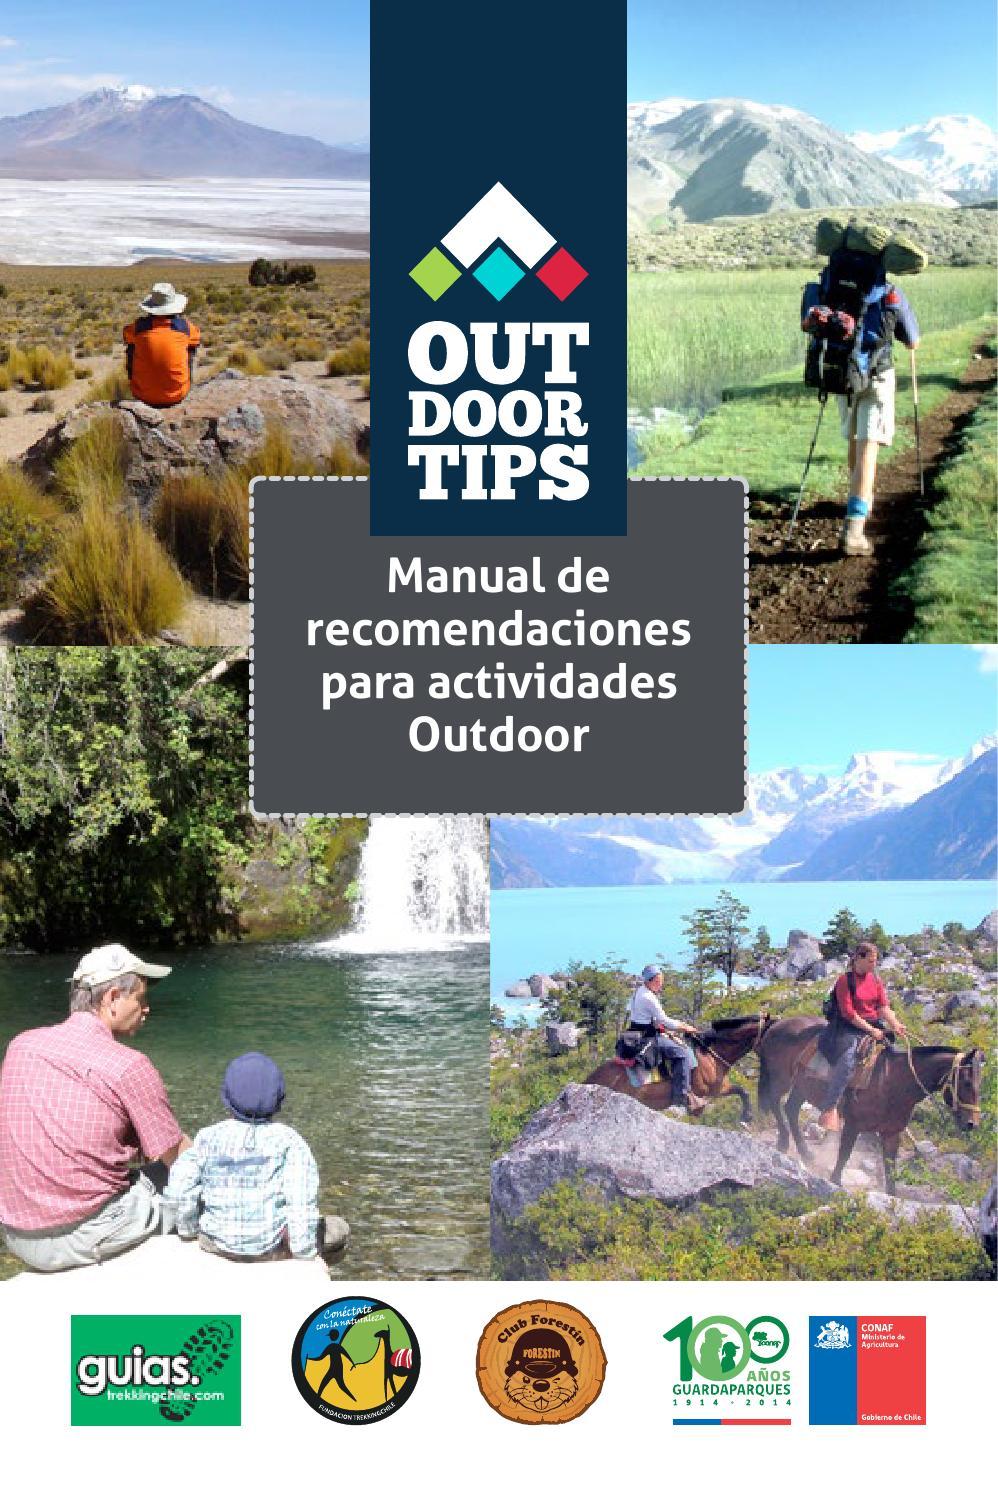 OUTDOOR TIPS MANUAL DE RECOMENDACIONES PARA ACTIVIDADES OUTDOOR